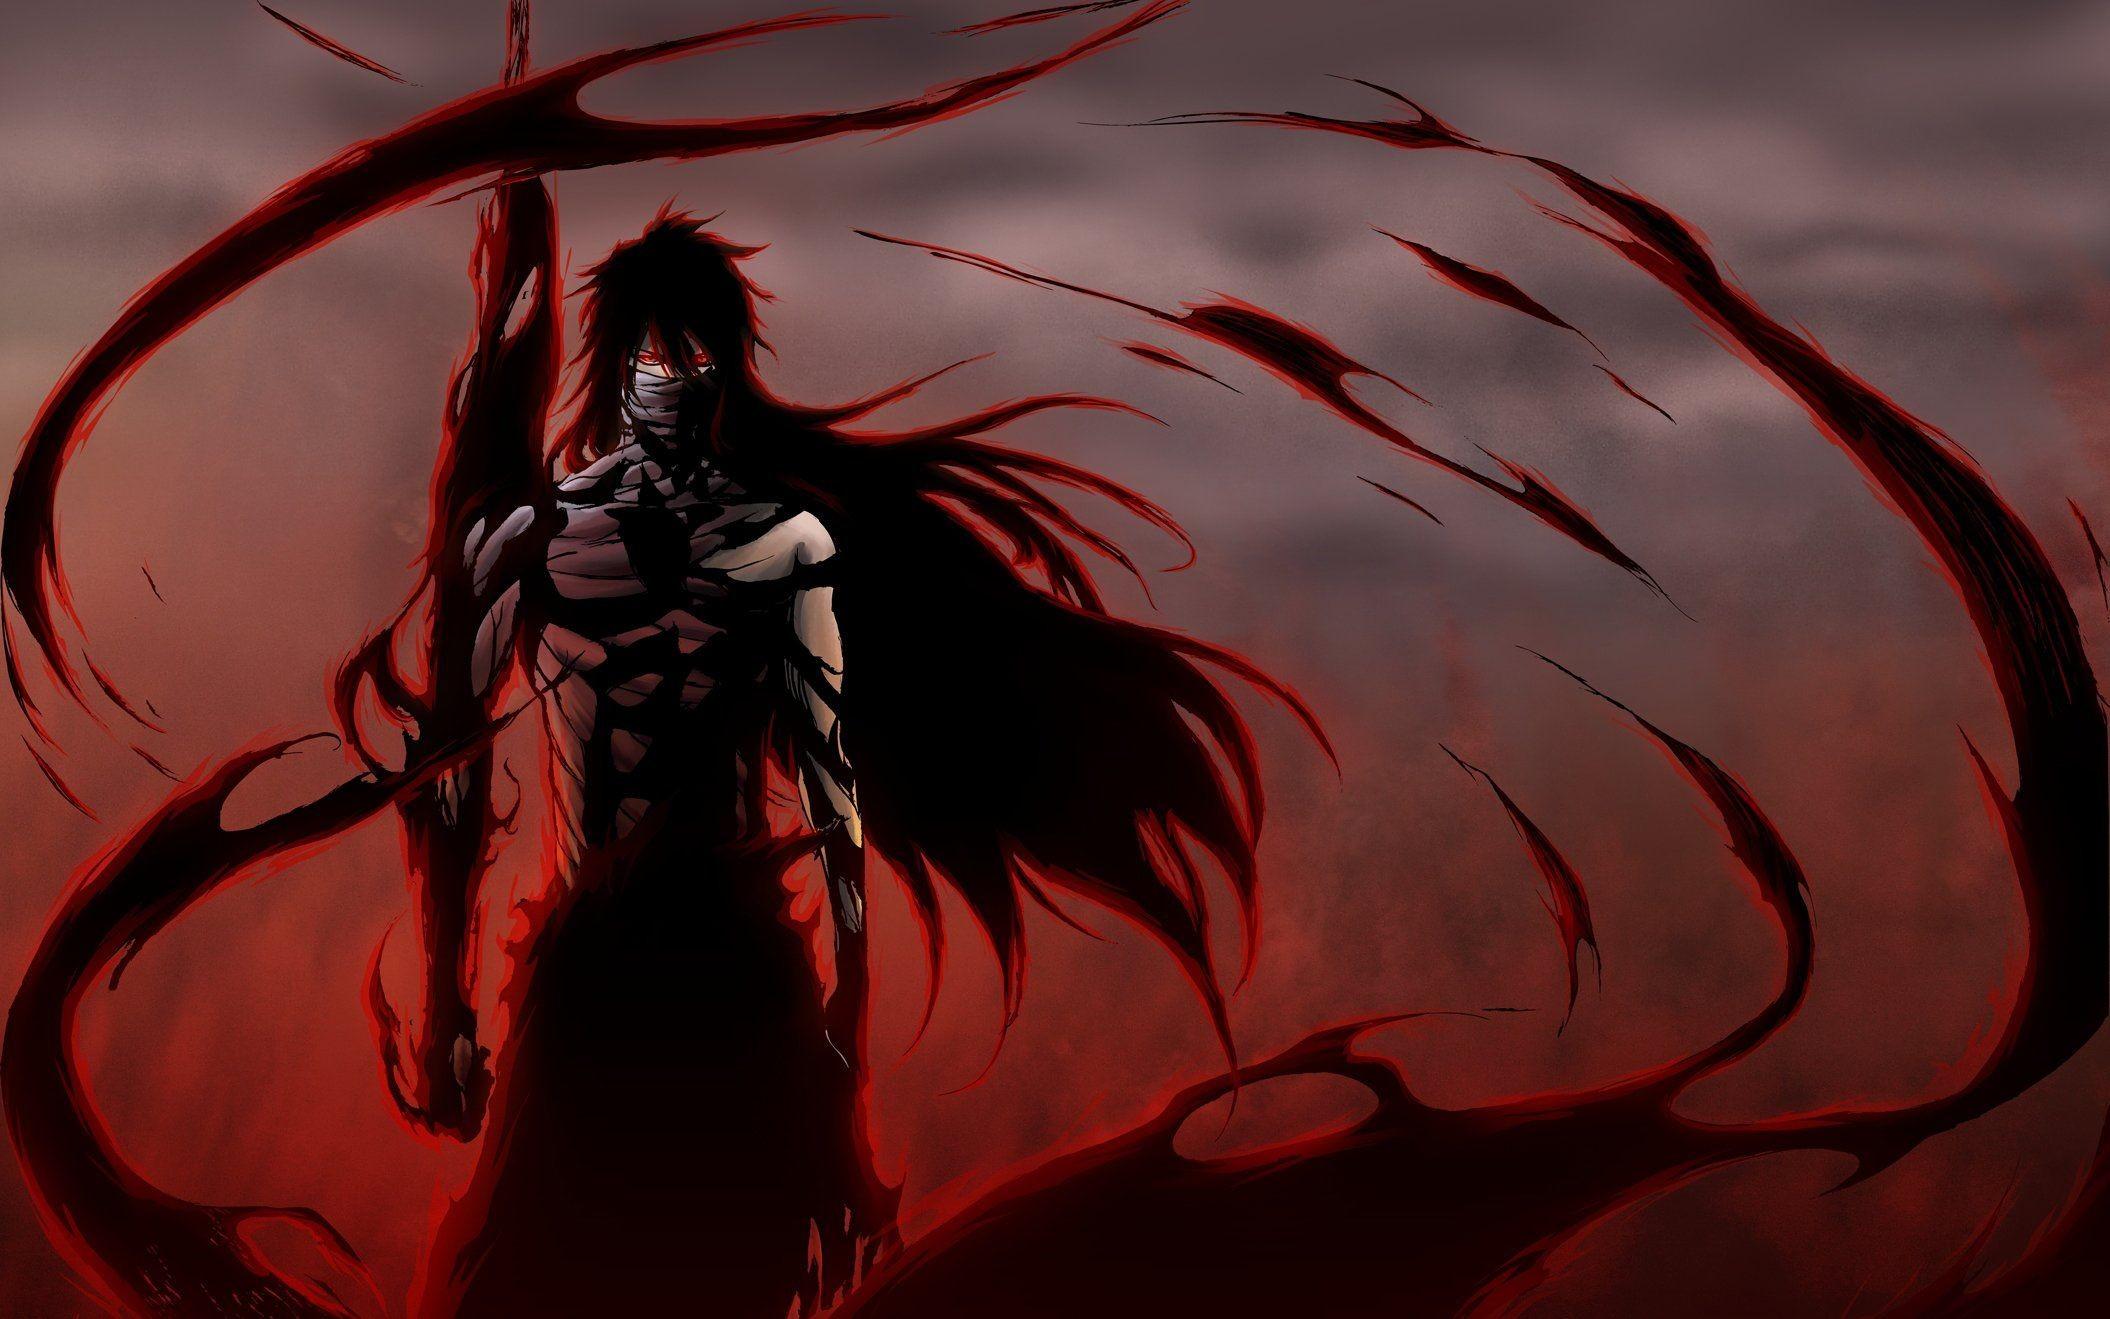 Res: 2110x1319, Bleach Kurosaki Ichigo Final Getsuga Tenshou Mugetsu wallpaper